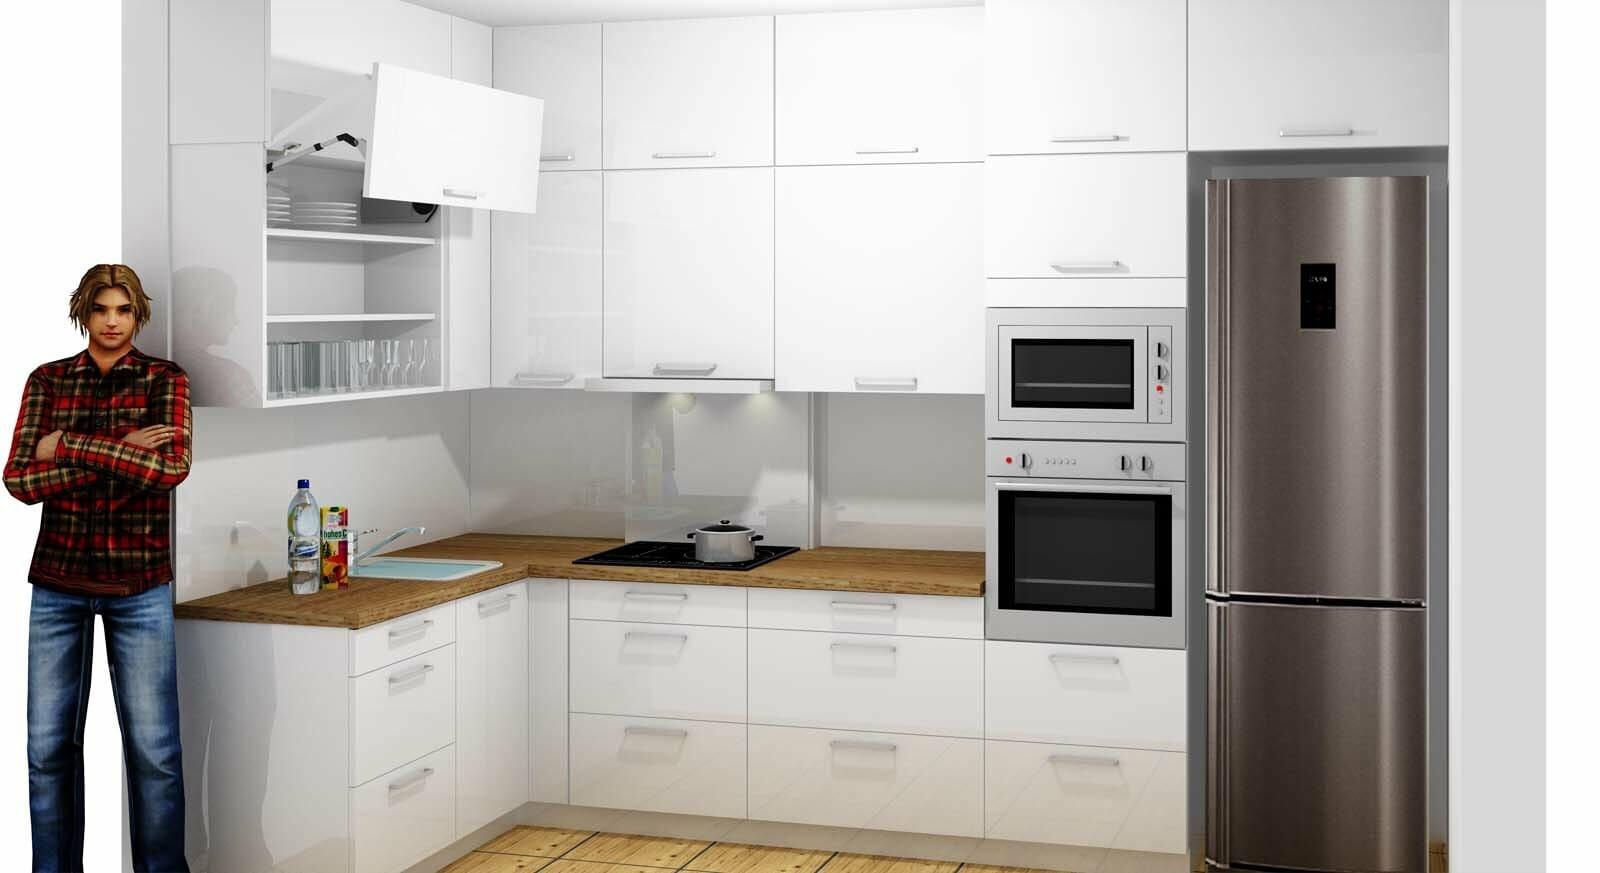 Egyedi konyhabútor 3D látványterv készítés magasfényű akril felületű bútorlapból, üveghátlappal, rejtett LED világítással